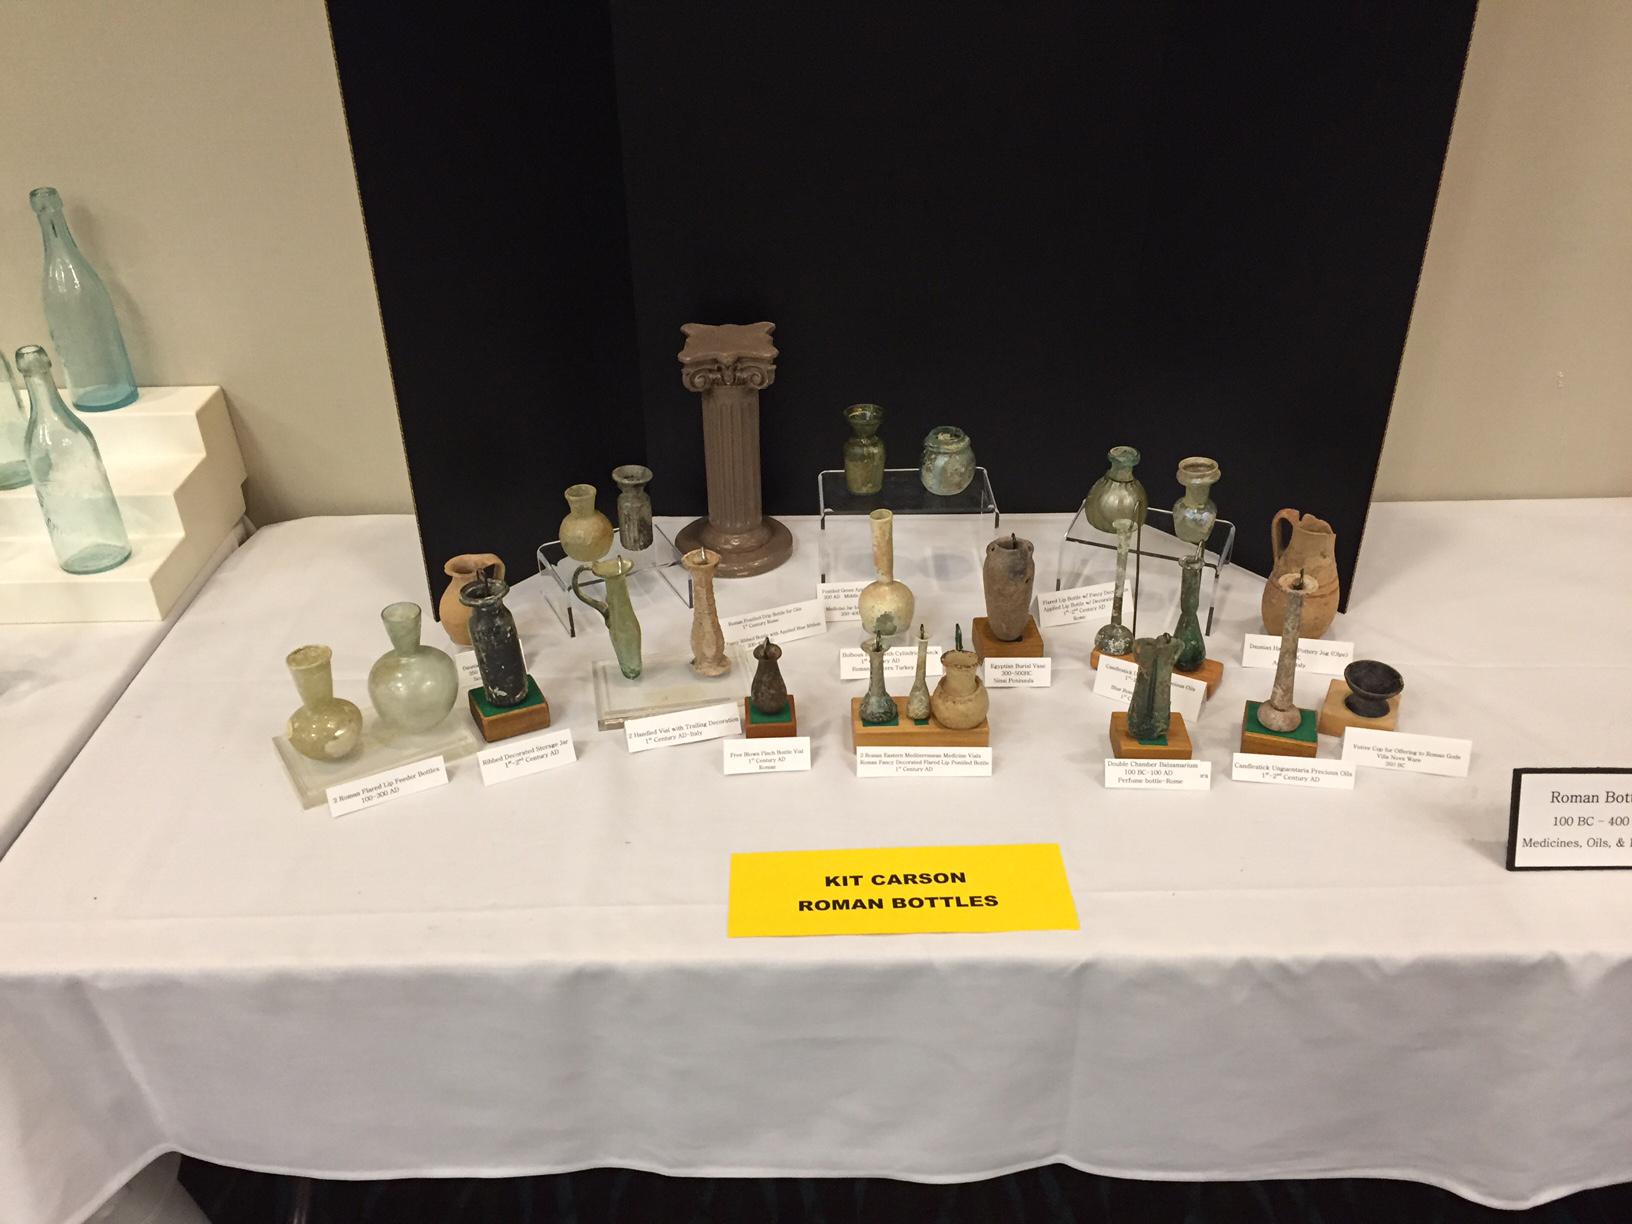 Roman Bottles display, Kit Carson